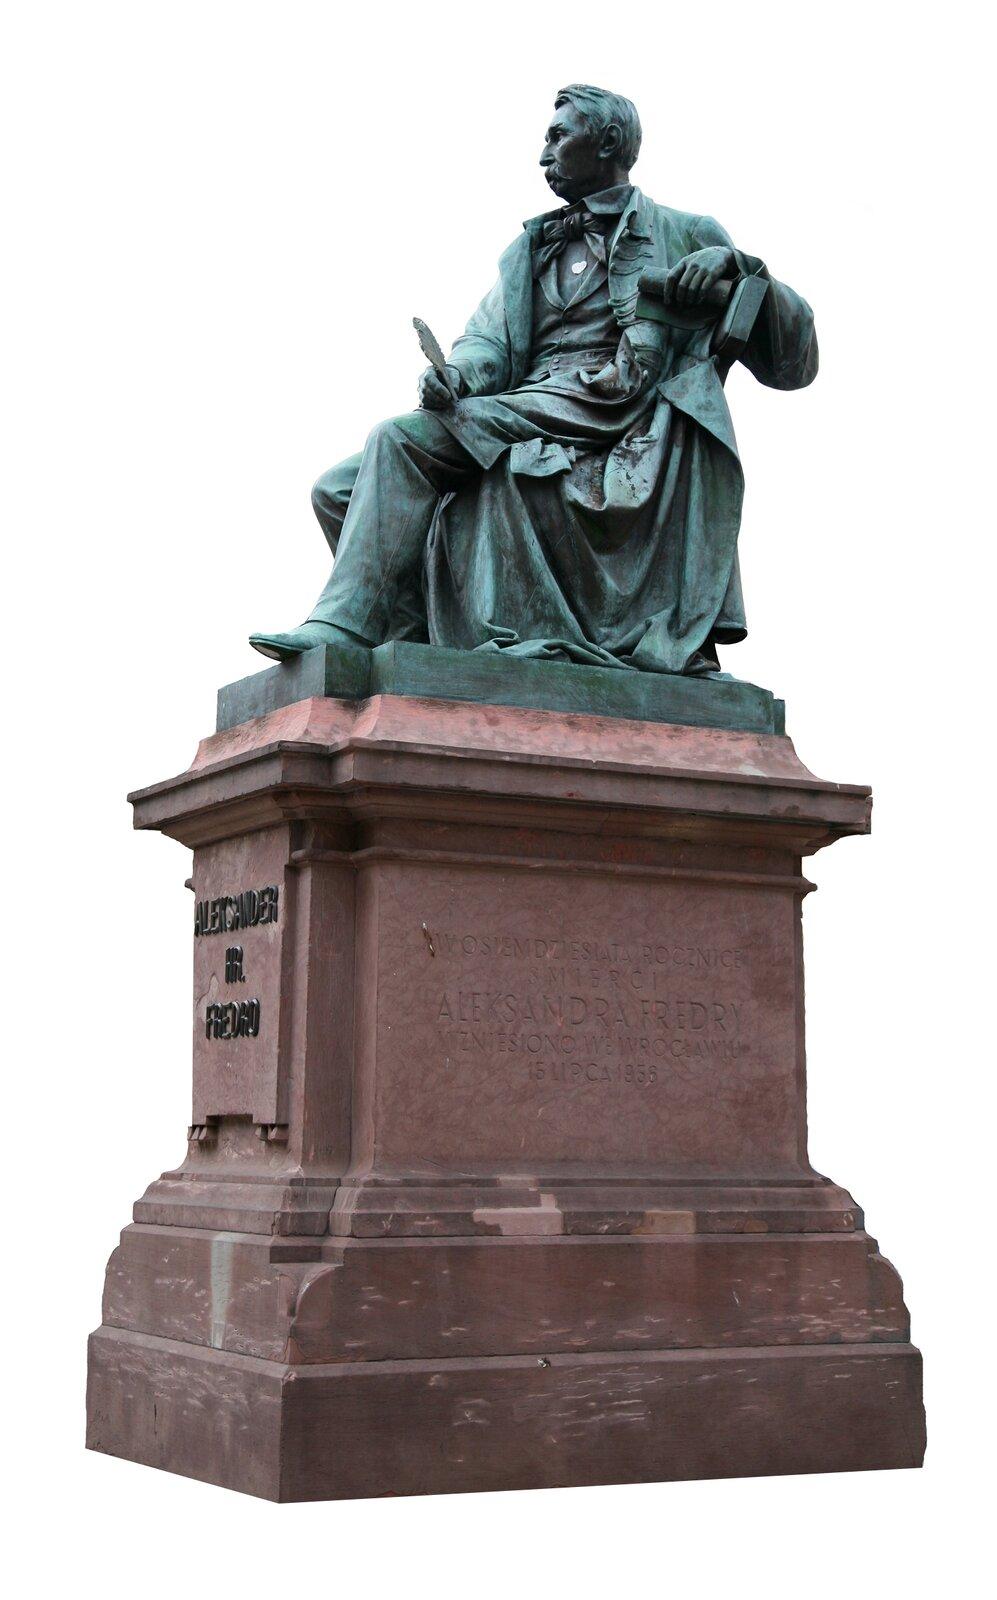 LeonardMarconi, pomnik Aleksandra Fredry, 1879; tu: zdjęcie zWrocławia LeonardMarconi, pomnik Aleksandra Fredry, 1879; tu: zdjęcie zWrocławia Źródło: Małgorzata Skibińska, Contentplus.pl sp. zo.o., fotografia barwna, licencja: CC BY 3.0.